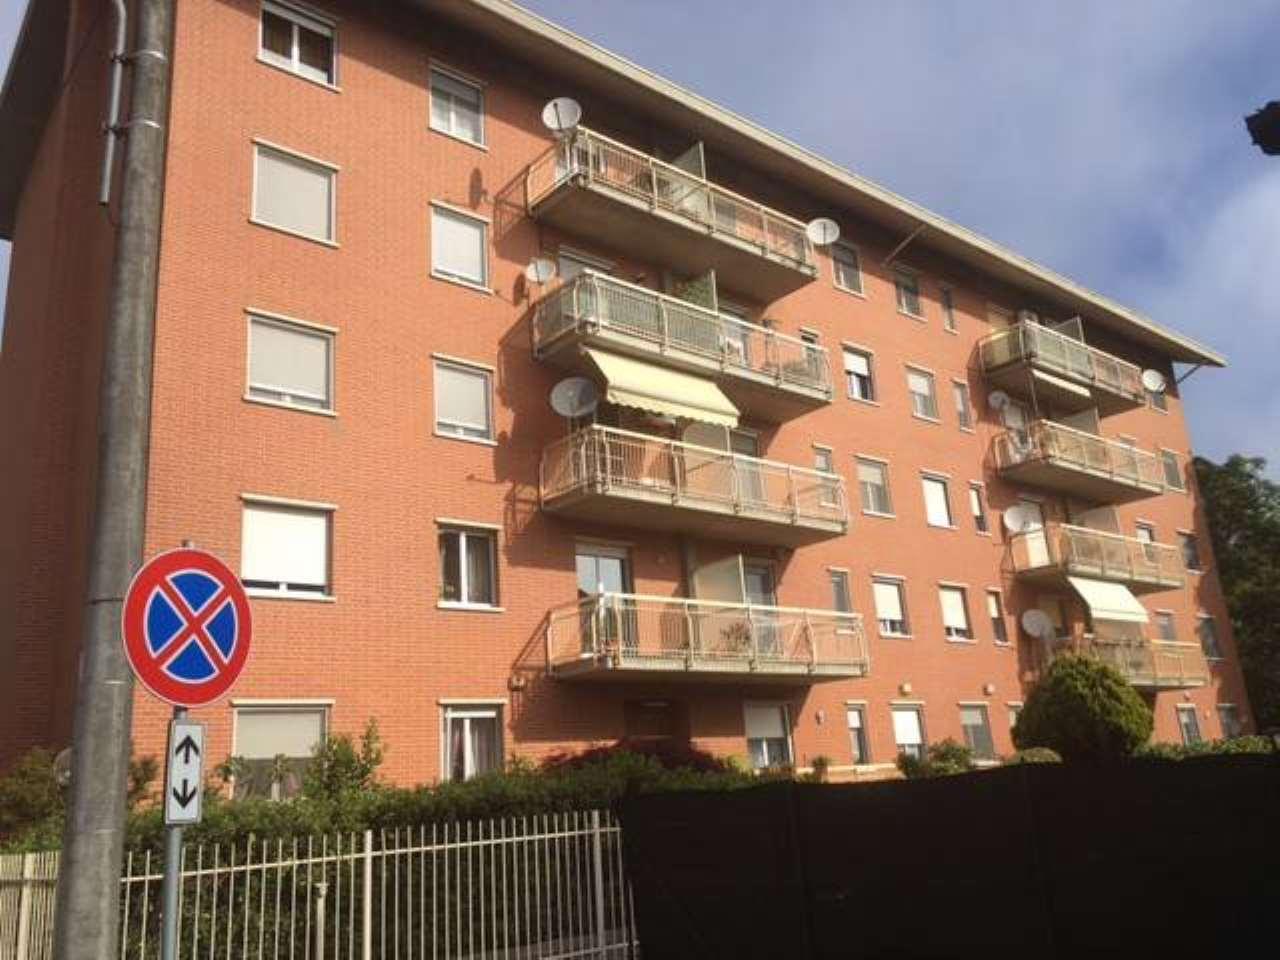 Appartamento in vendita a Alessandria, 3 locali, prezzo € 105.000 | CambioCasa.it